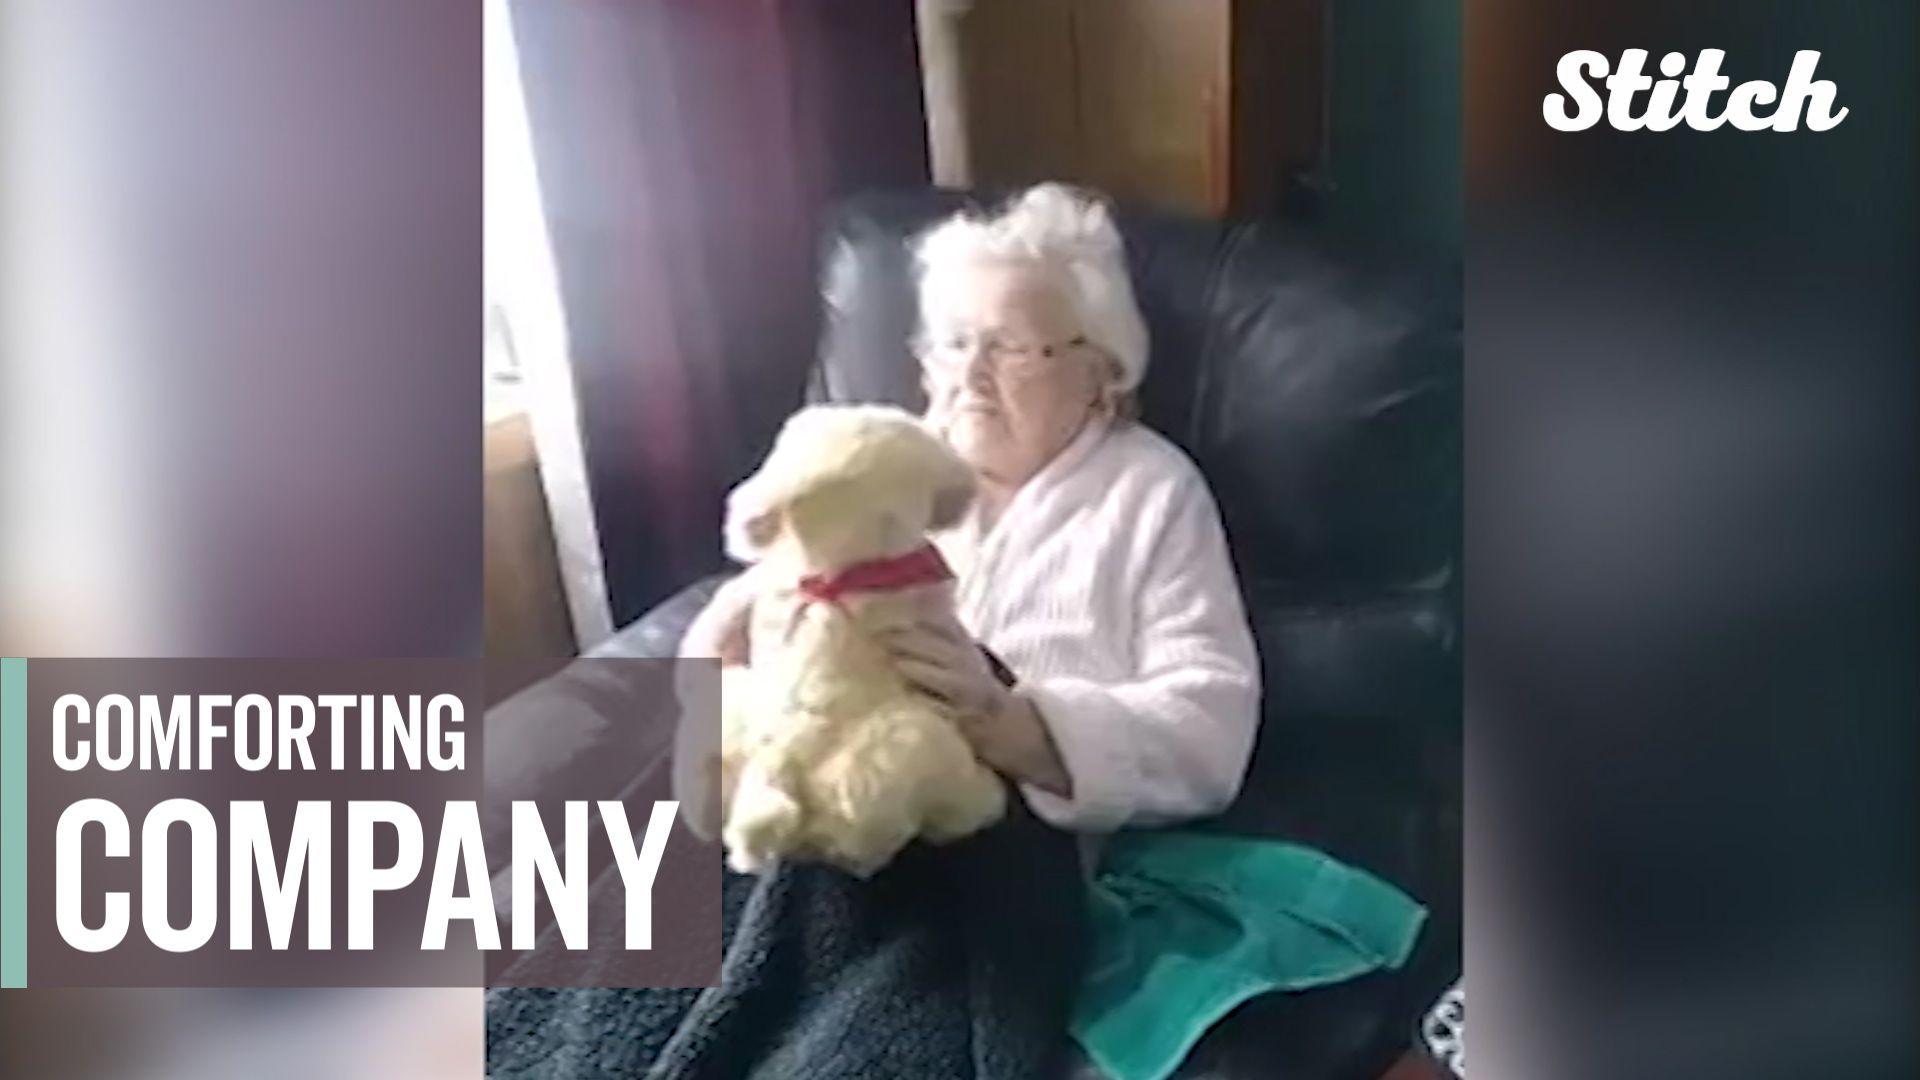 'The day I got it, I cried': Animatronic pets providing company to isolated  seniors